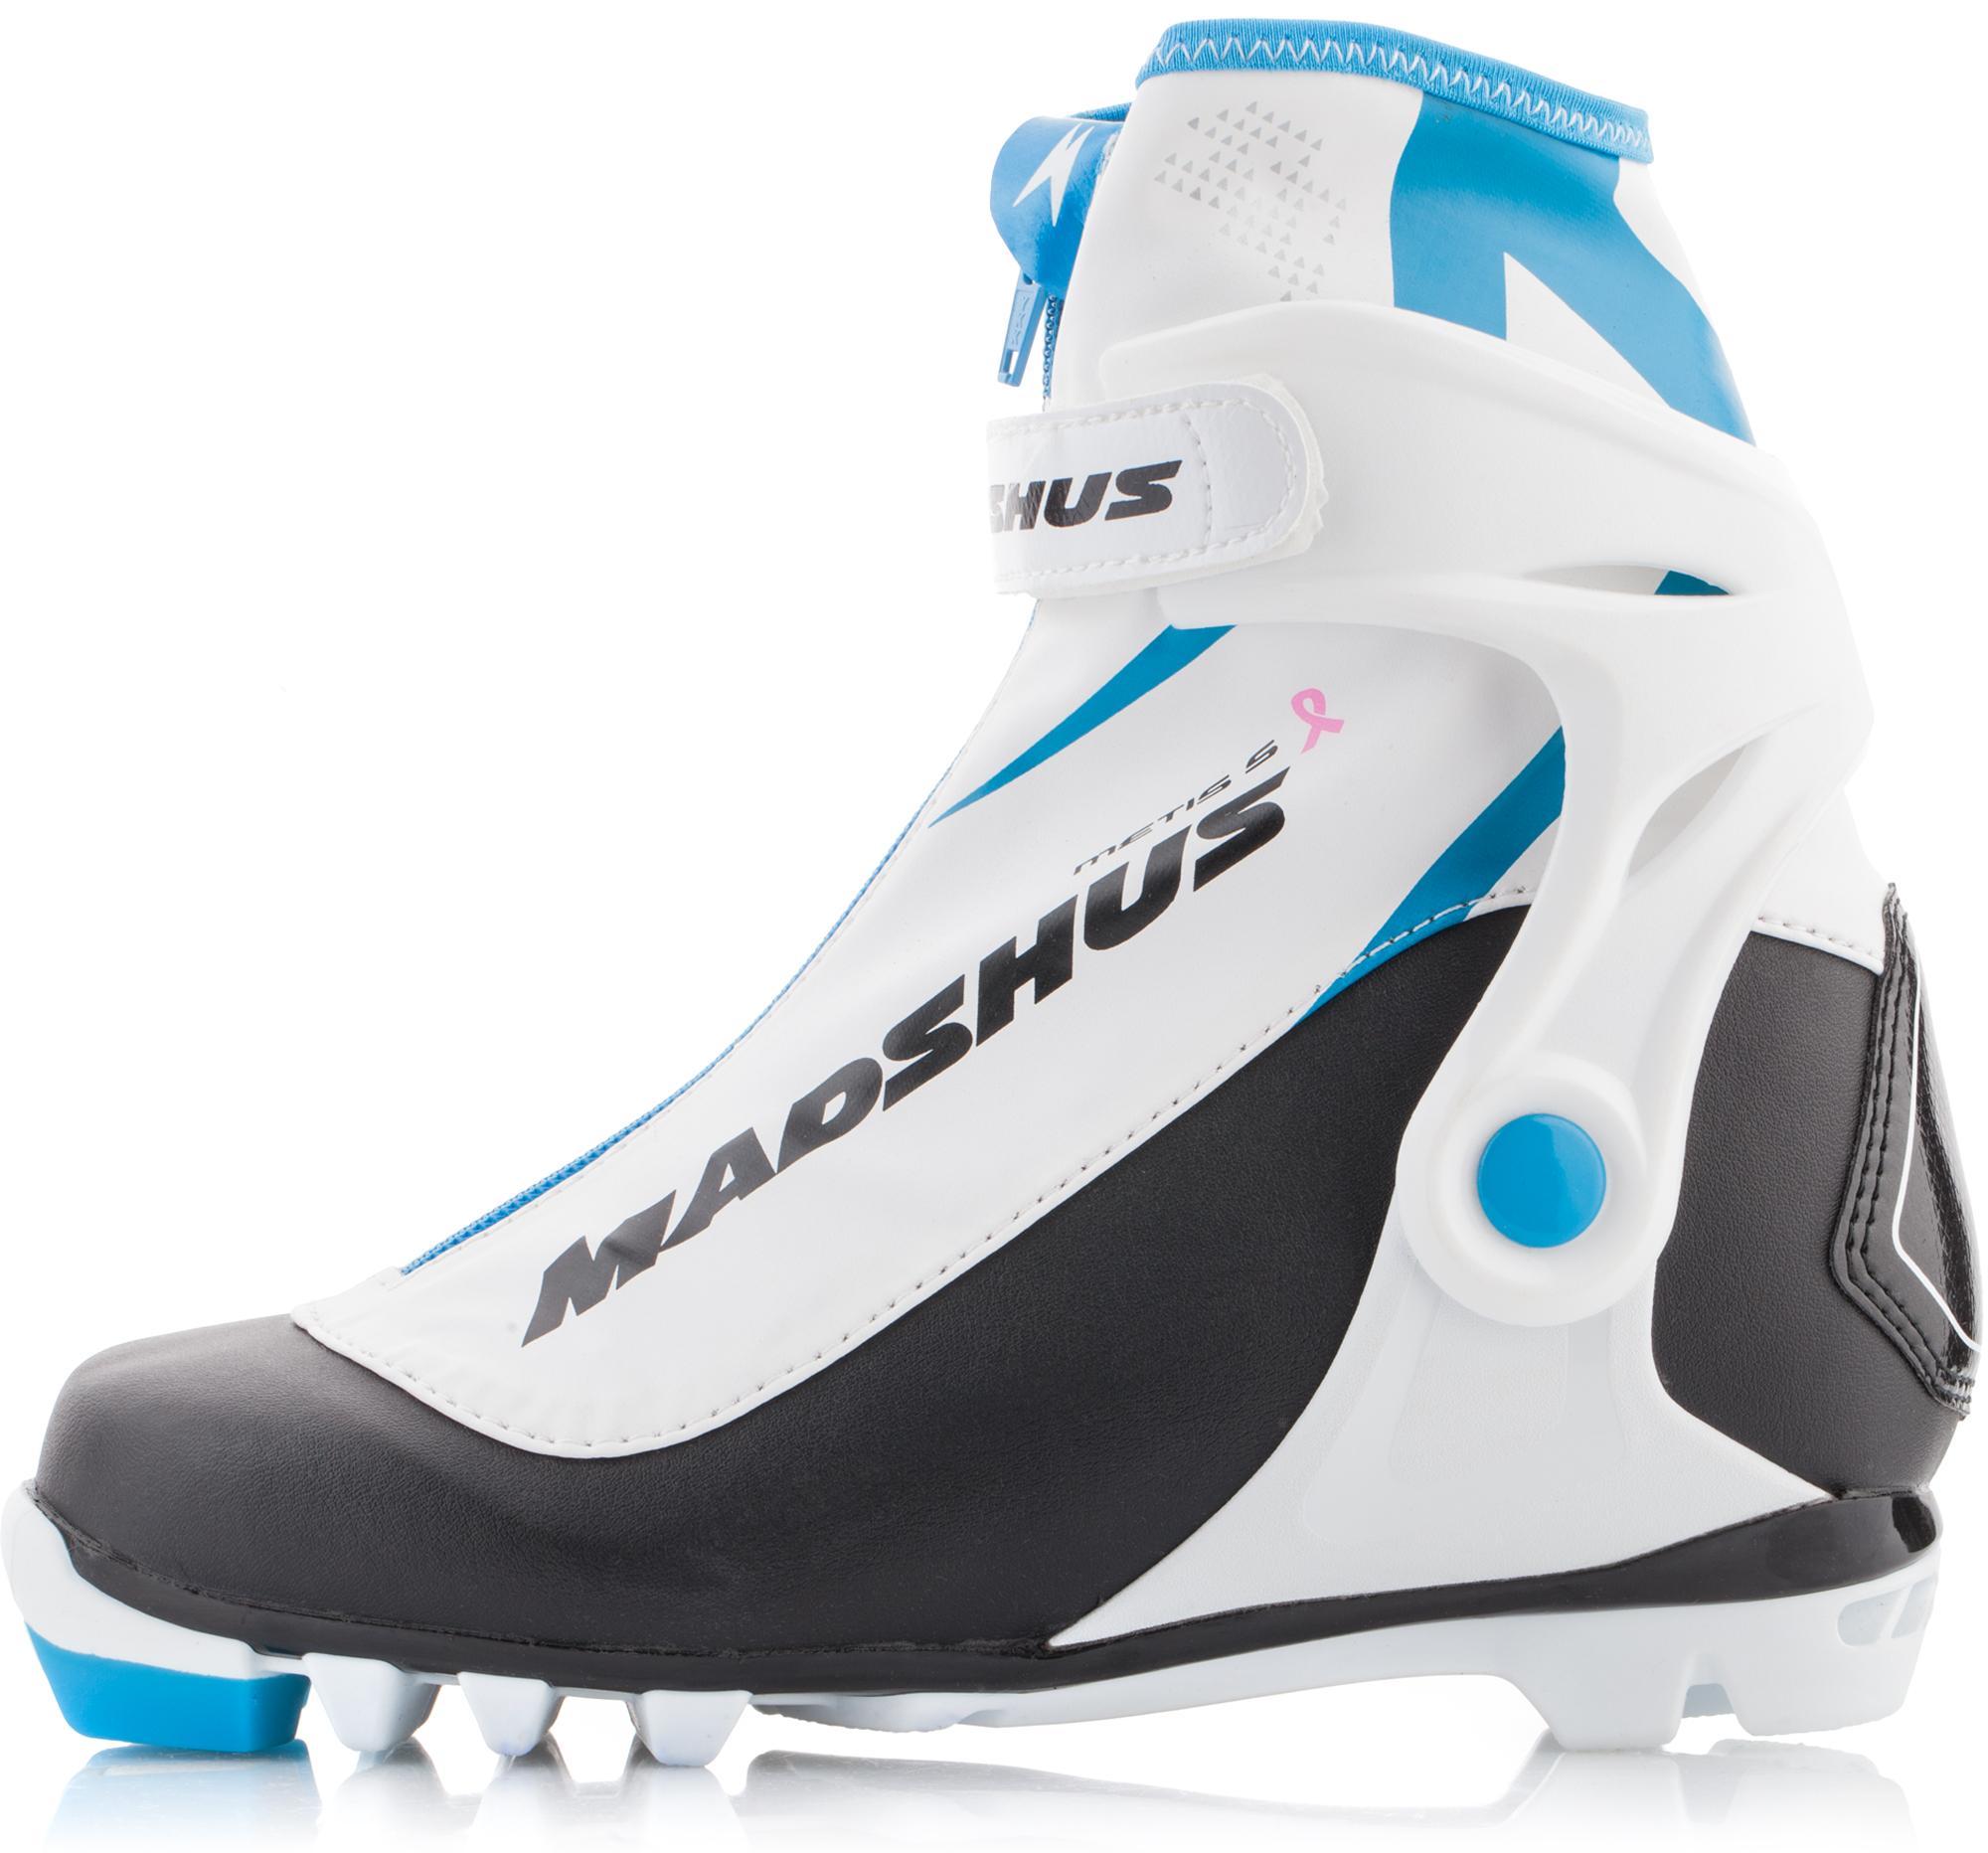 купить Madshus Ботинки для беговых лыж женские Madshus Metis S дешево